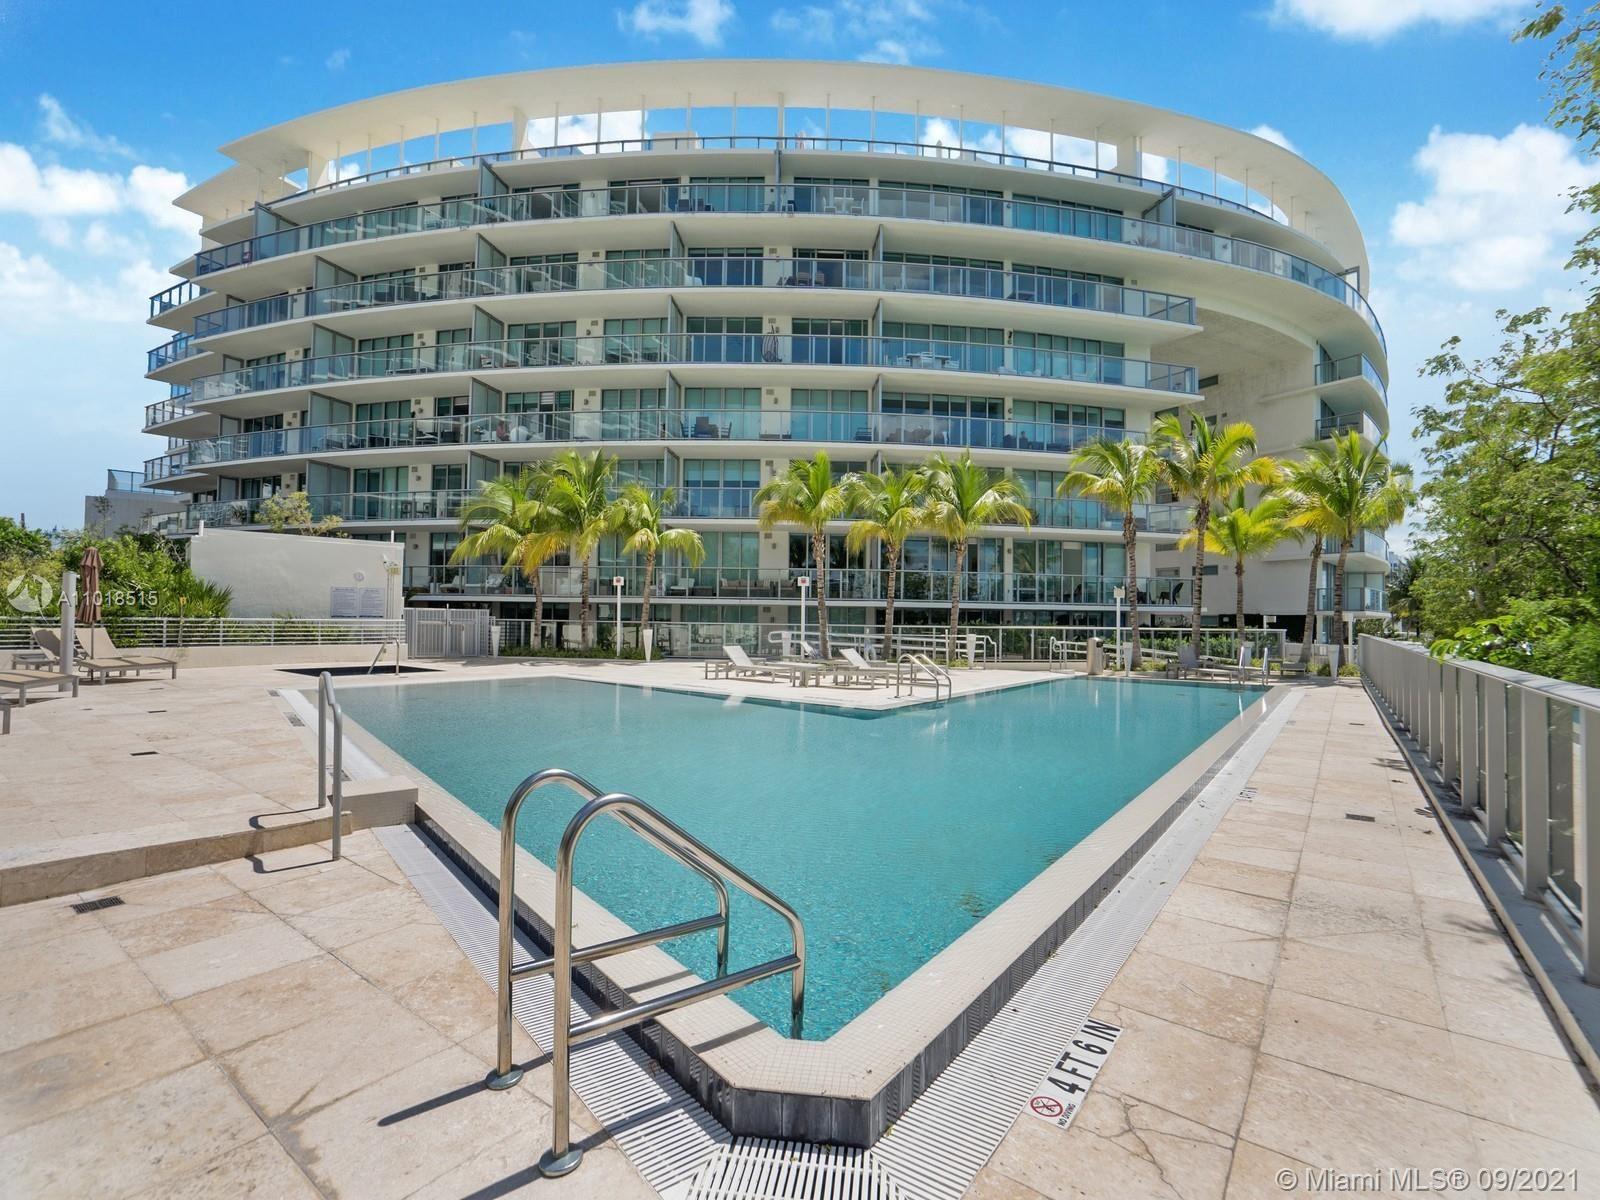 6620 Indian Creek Dr #315, Miami Beach, FL 33141 - #: A11018515